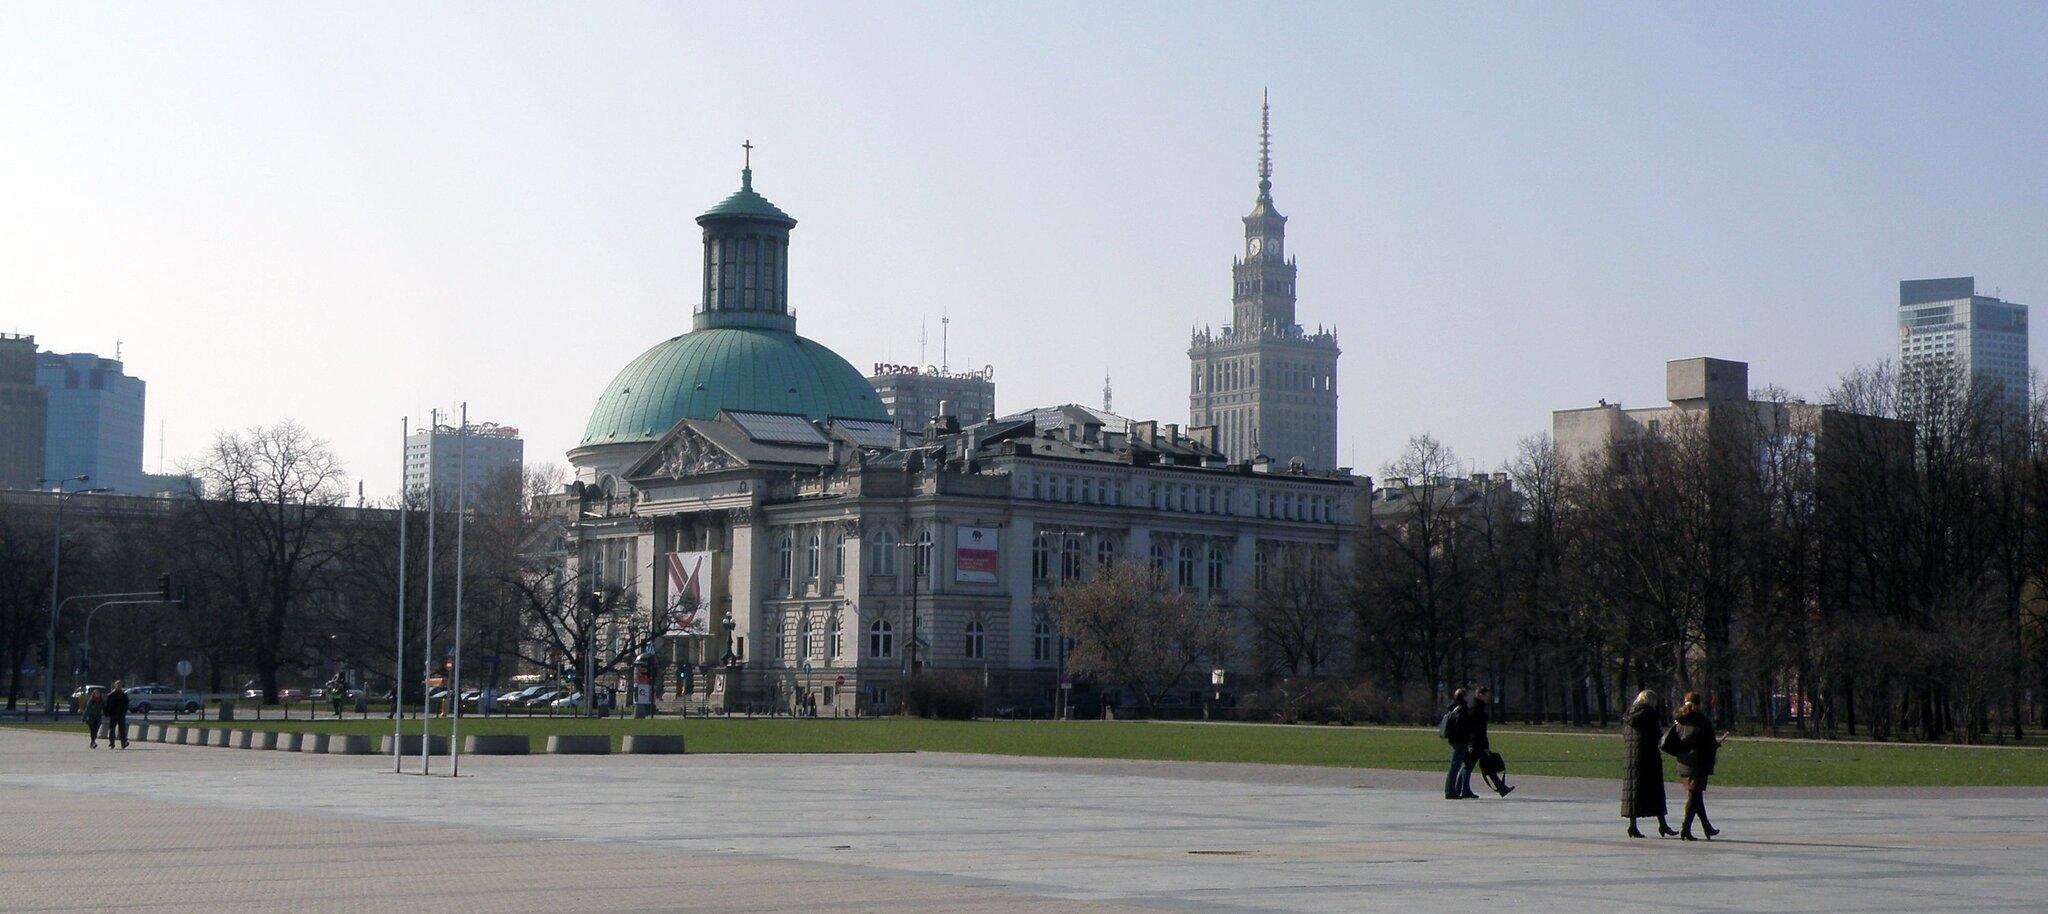 Plac Piłsudskiego wWarszawie Źródło: Plac Piłsudskiego wWarszawie, domena publiczna.